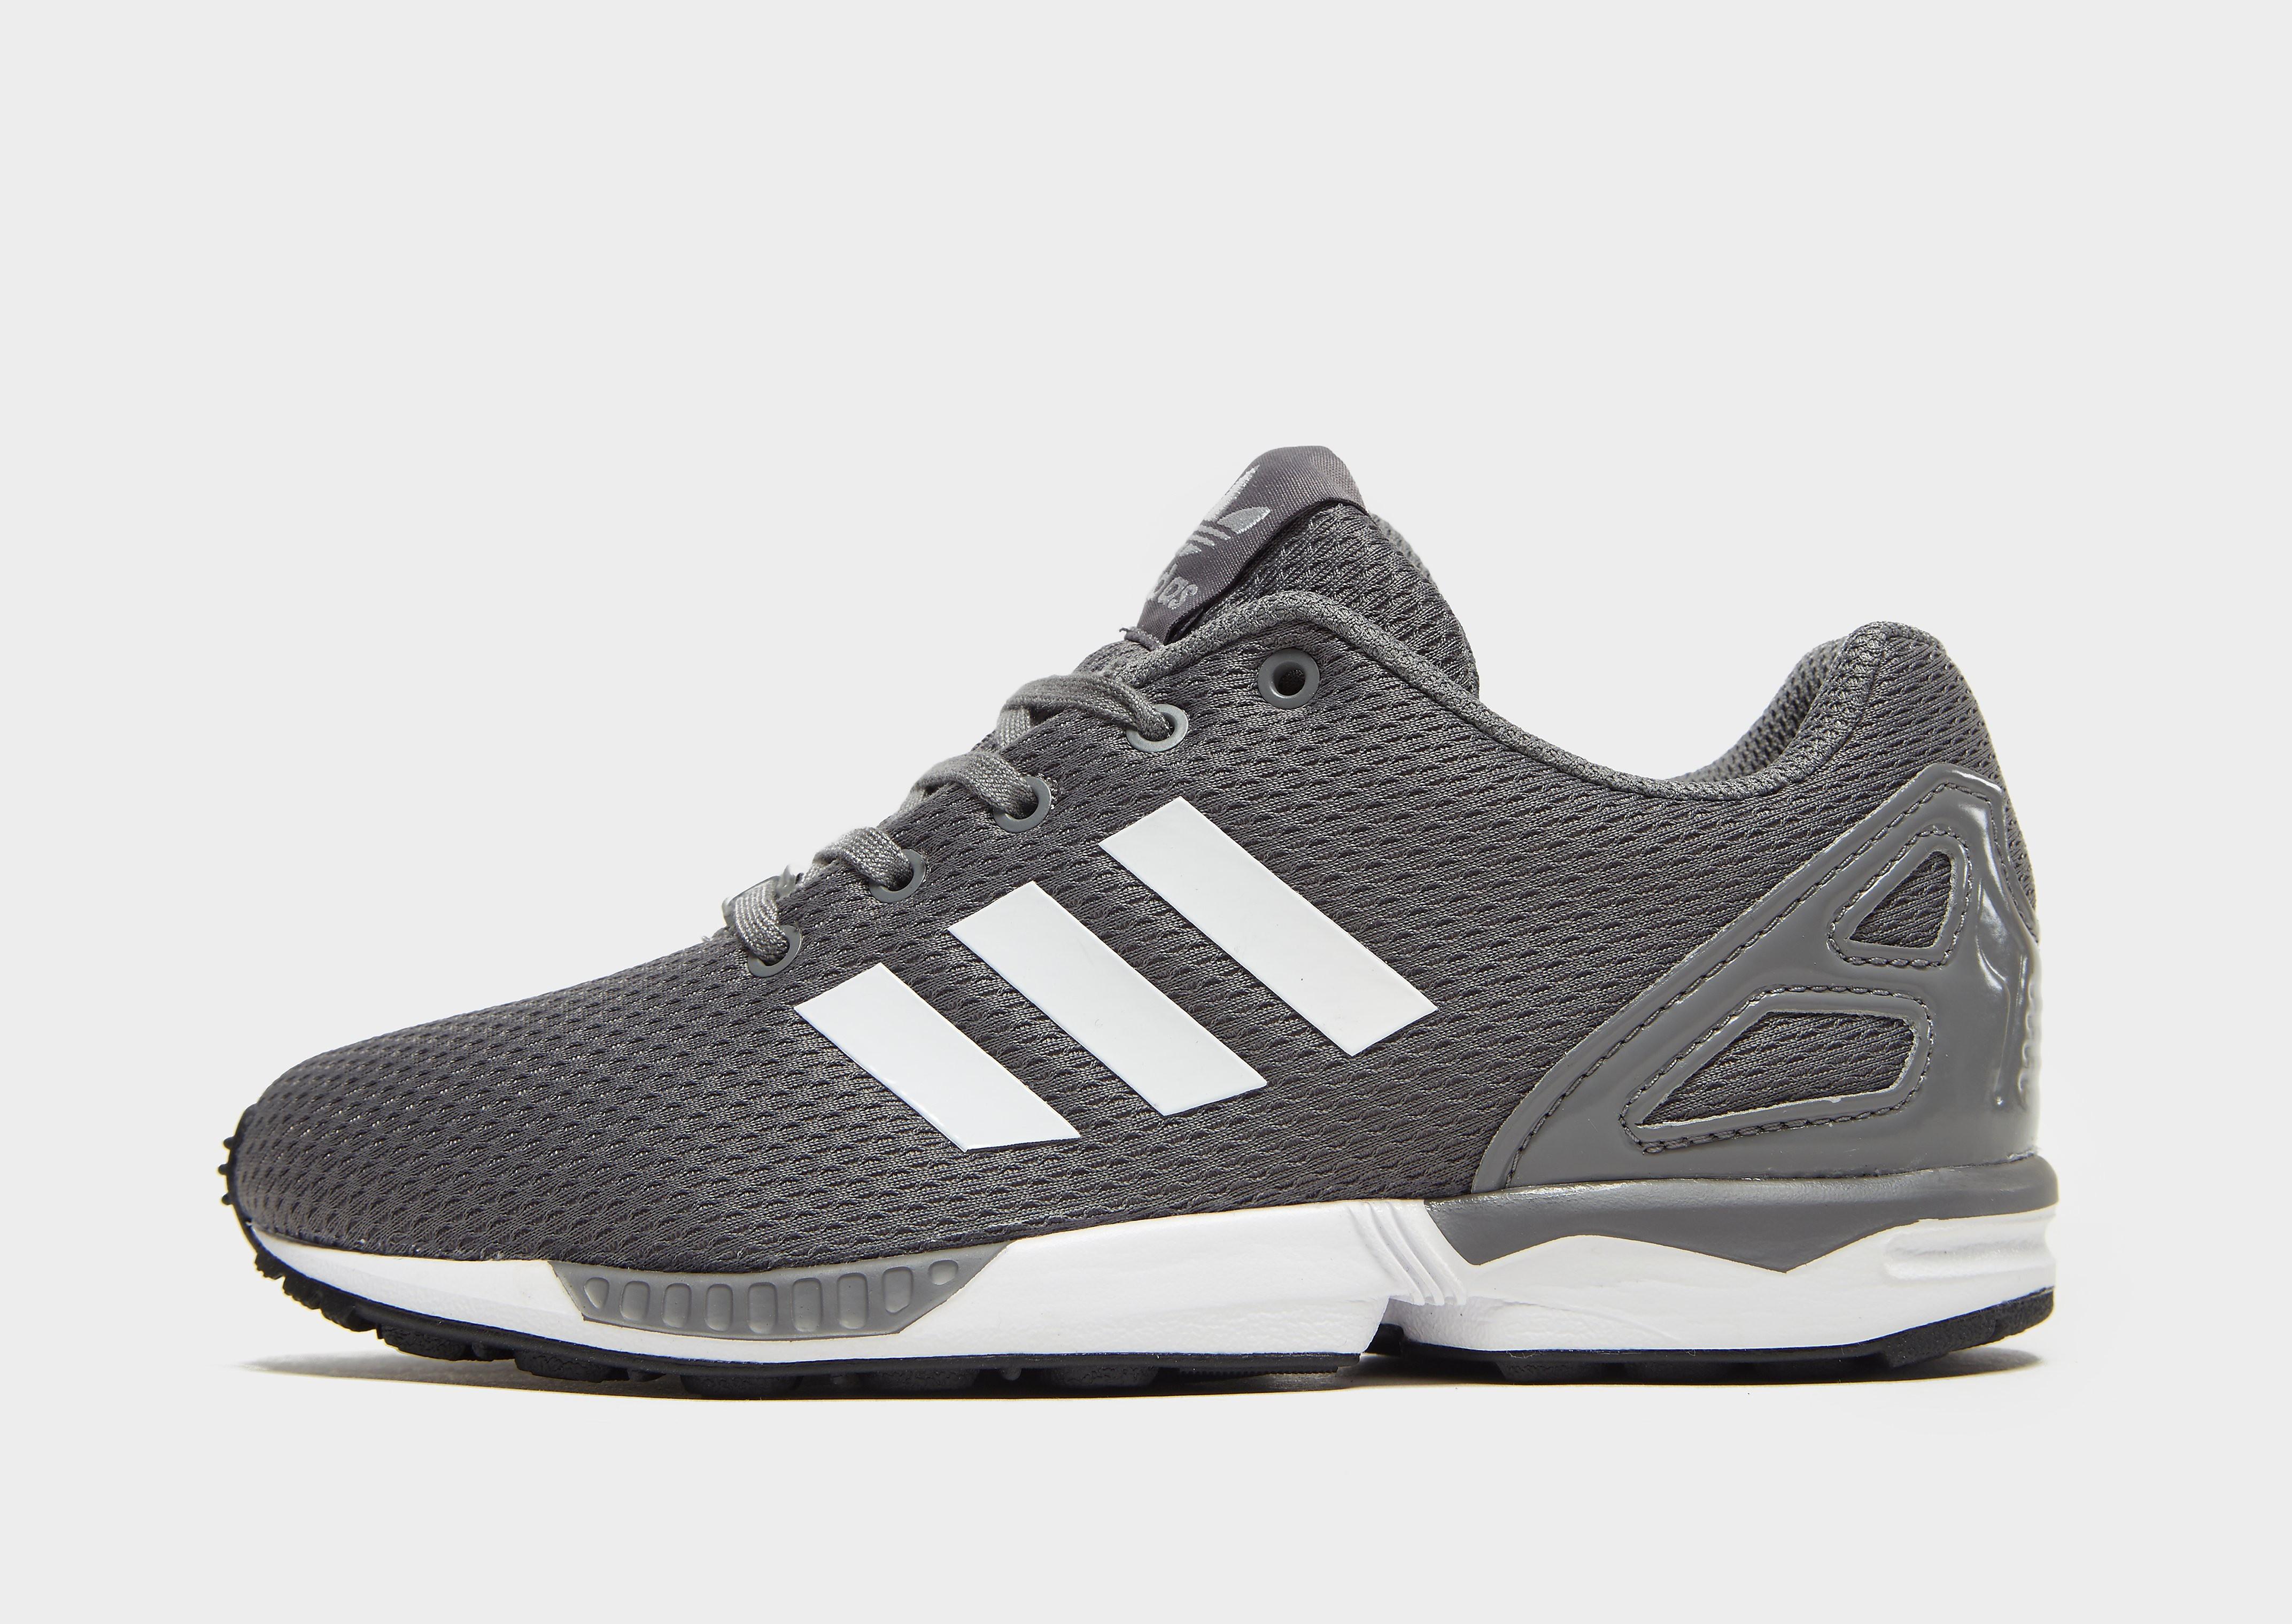 Adidas ZX Flux kindersneaker grijs en zwart